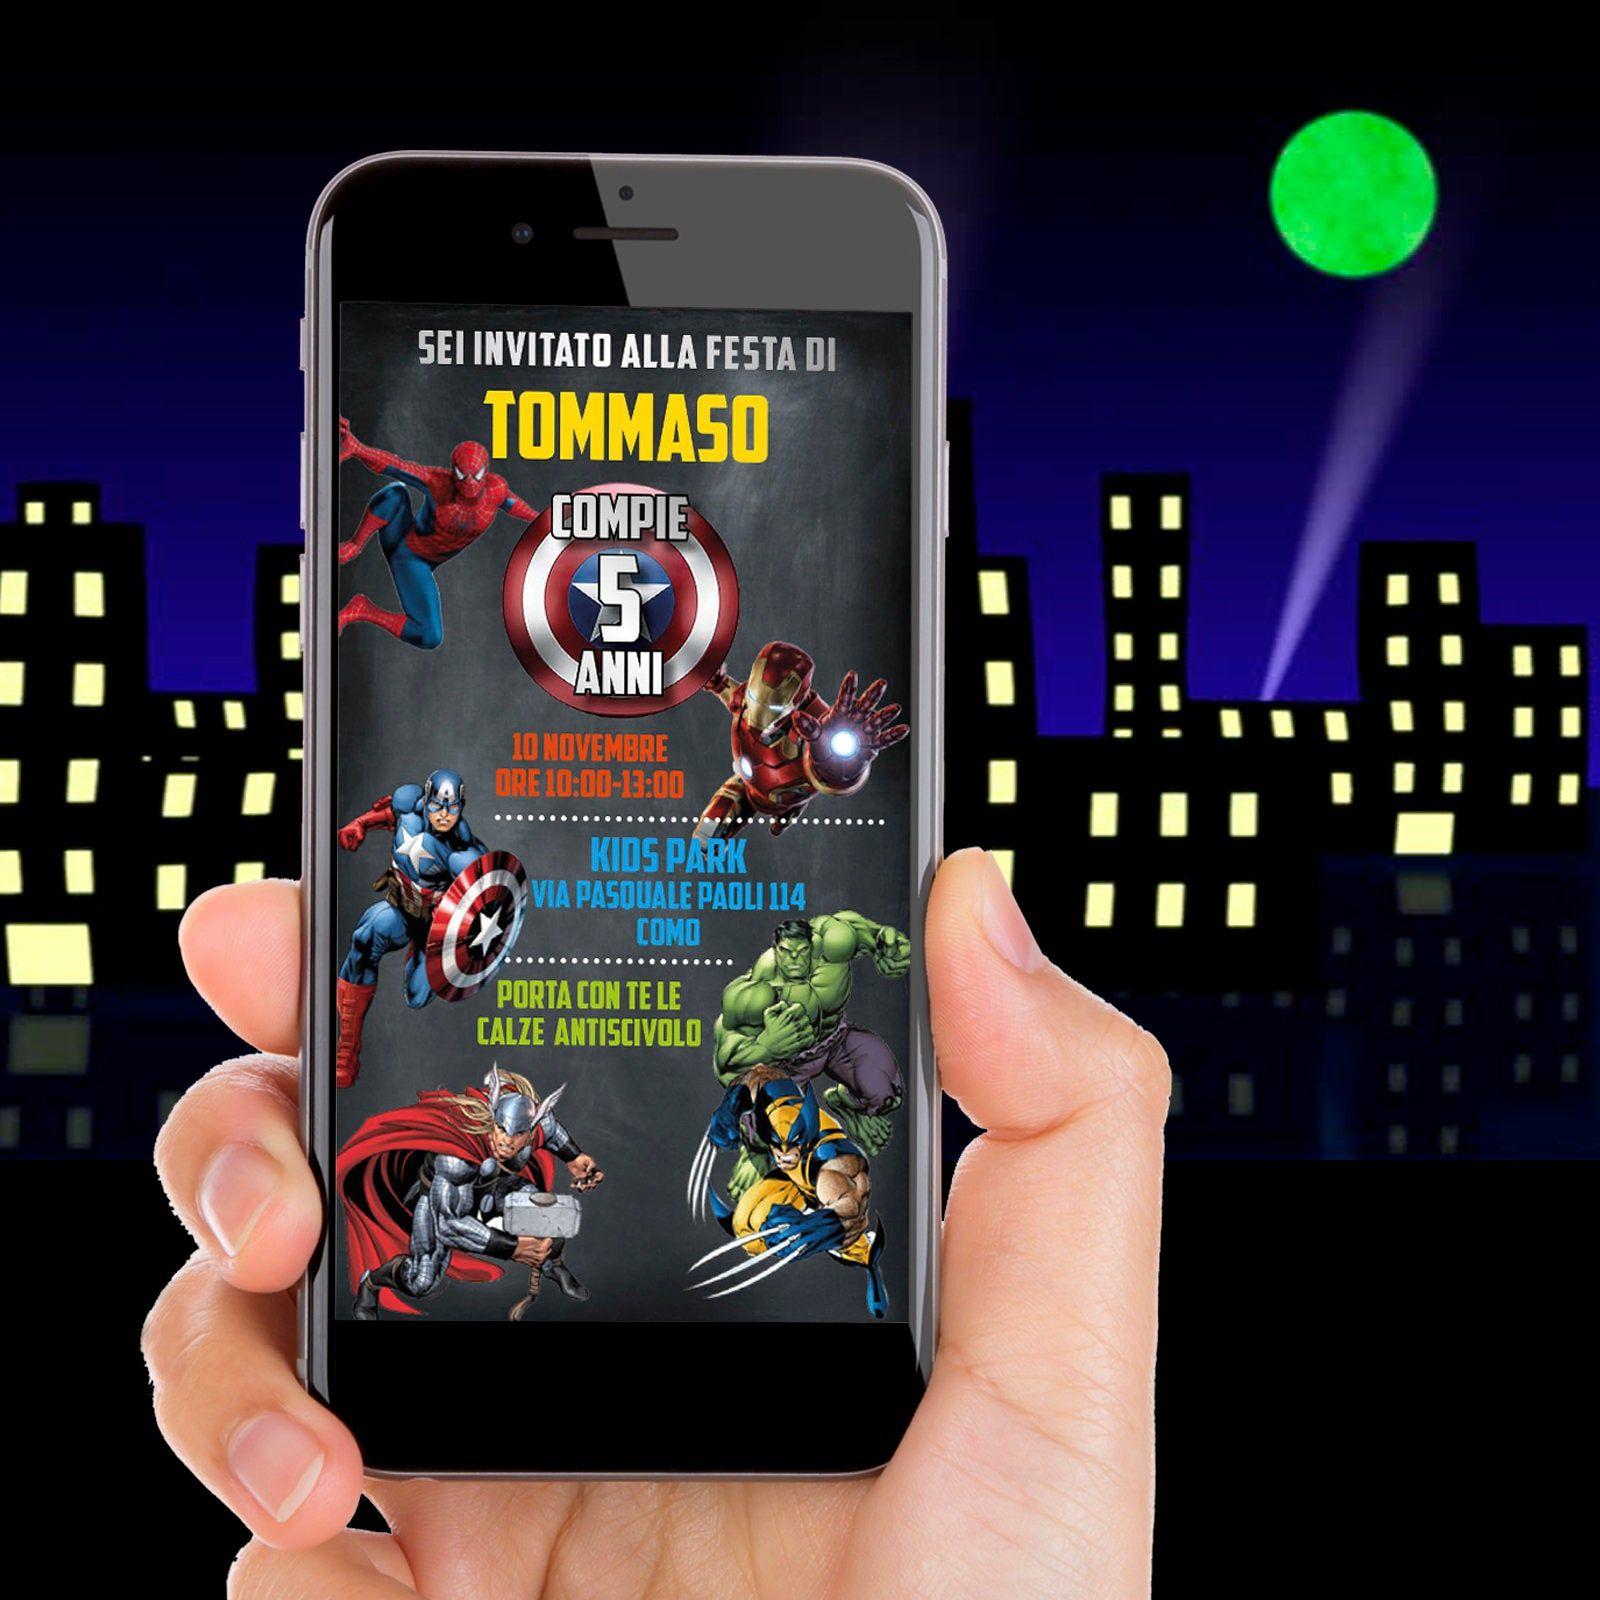 Invito Digitale Super Eroi Biglietto Invito Festa Whatsapp Partykit Nascita Battesimo Comunione Cresima Idee Regalo Fatto A Mano Festa Di Compleanno